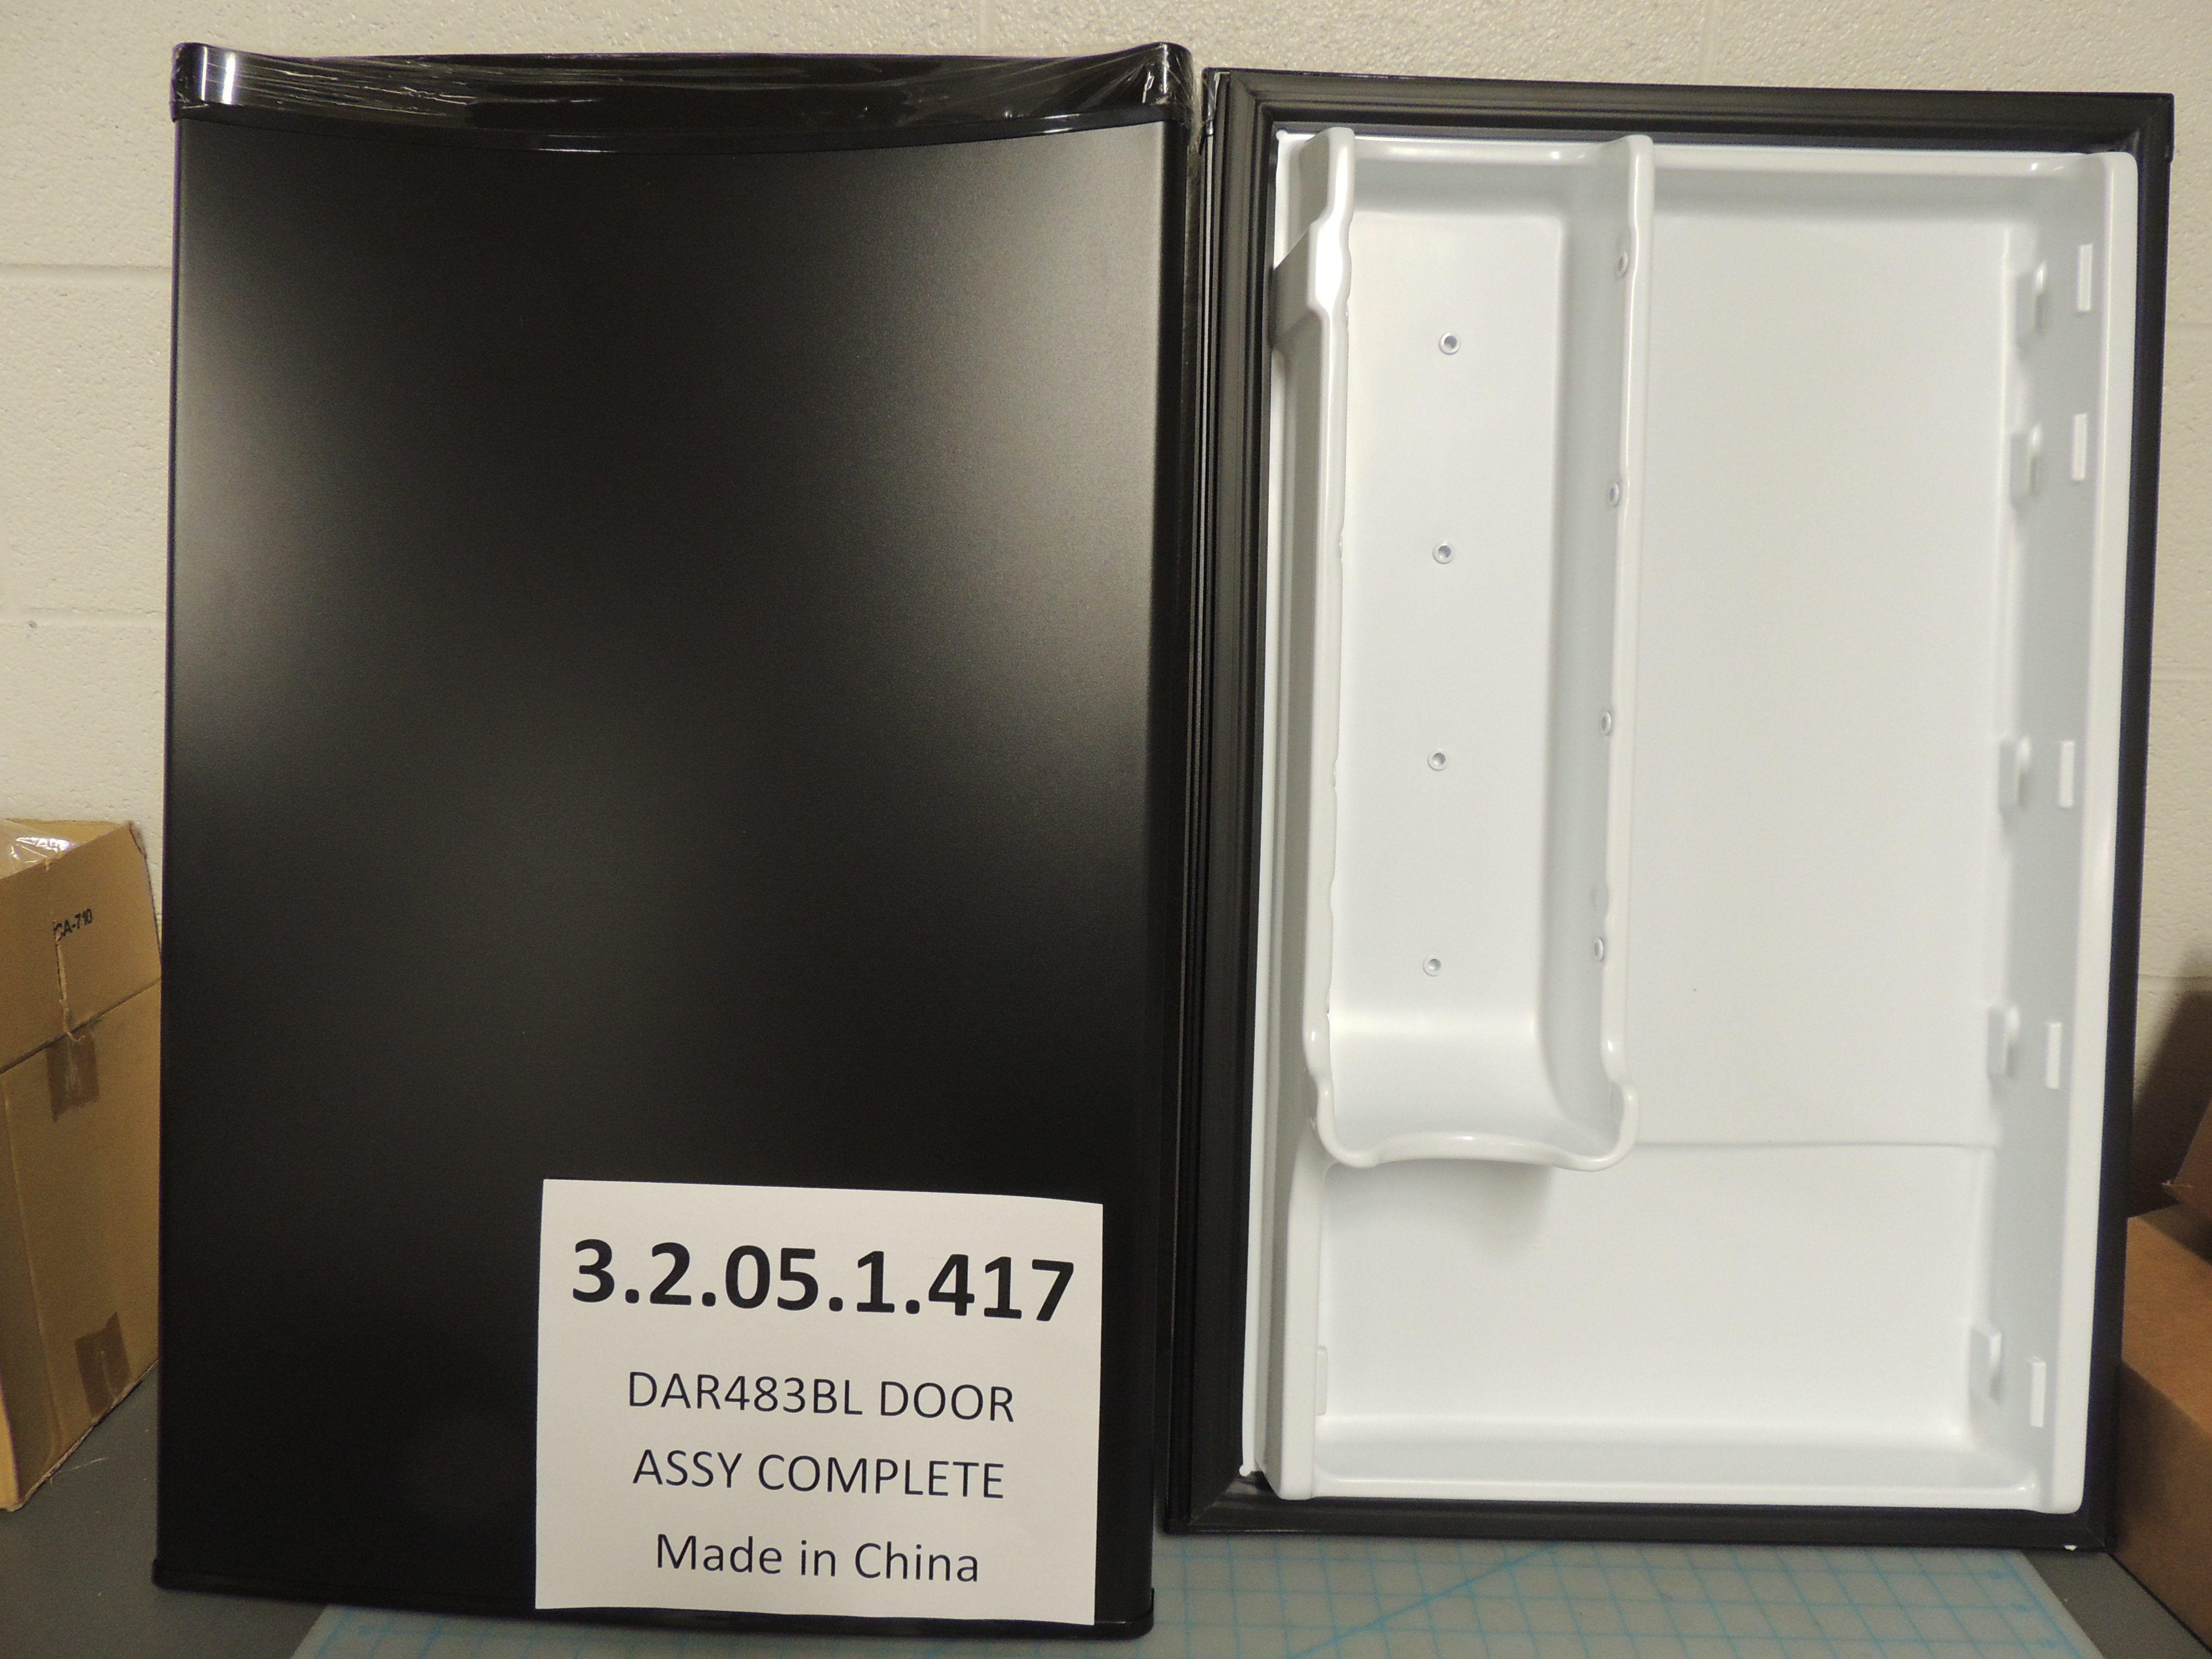 DAR483BL DOOR ASSY COMPLETE